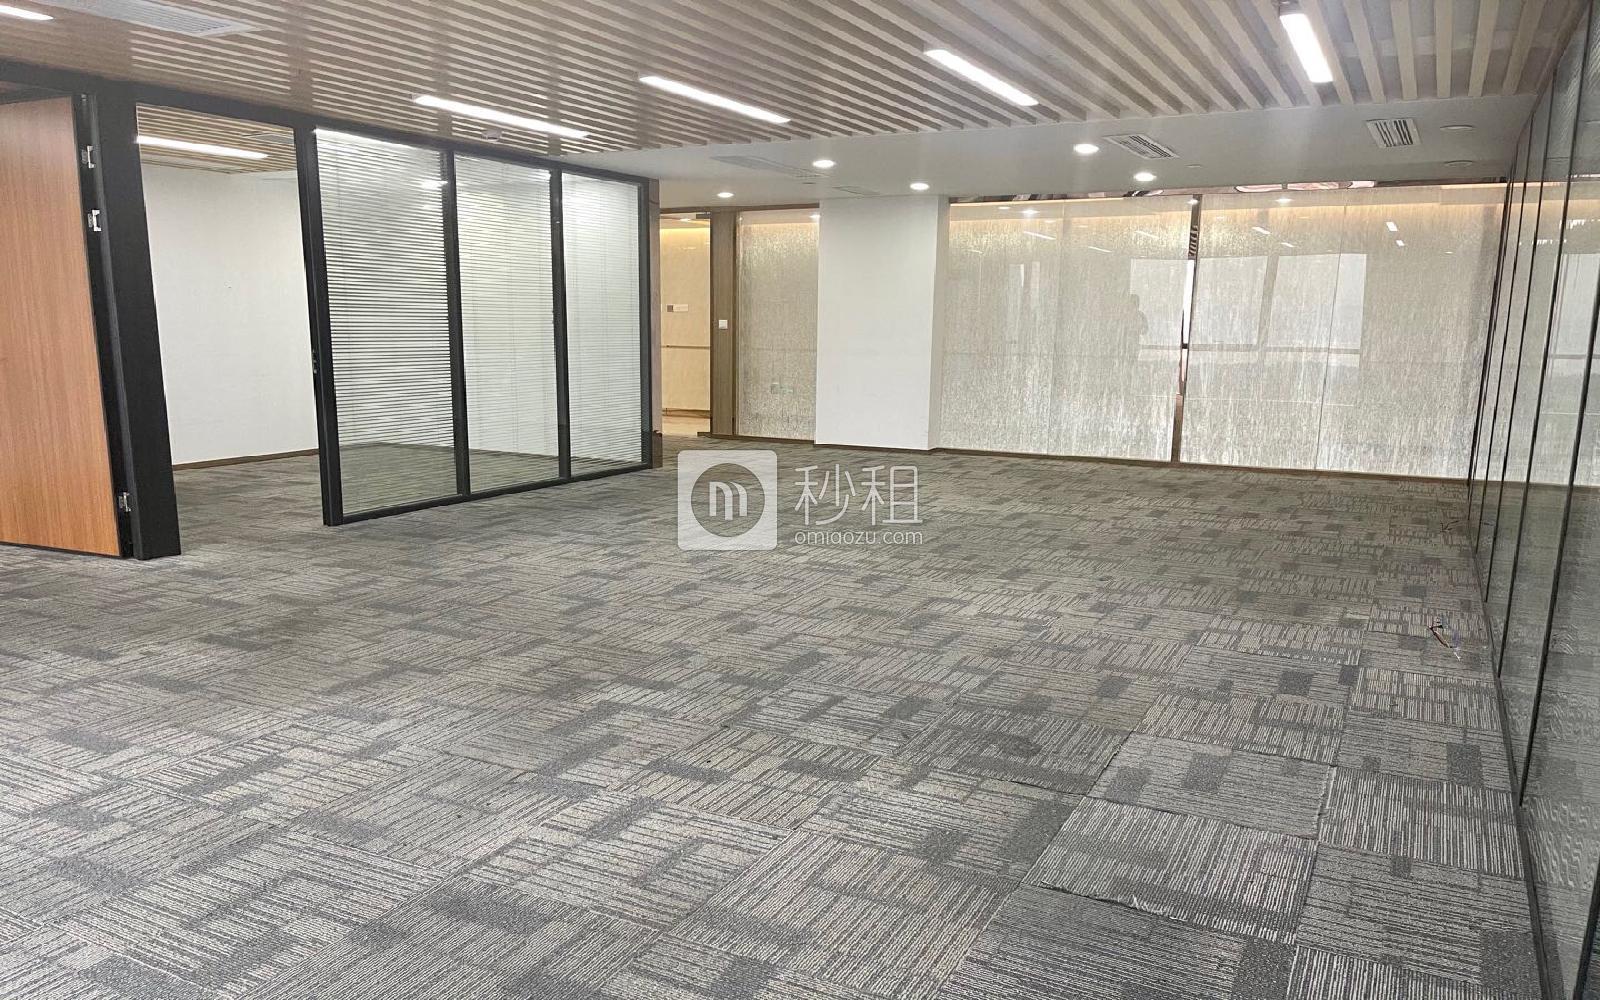 南山-科技园 尚美科技大厦 272m²